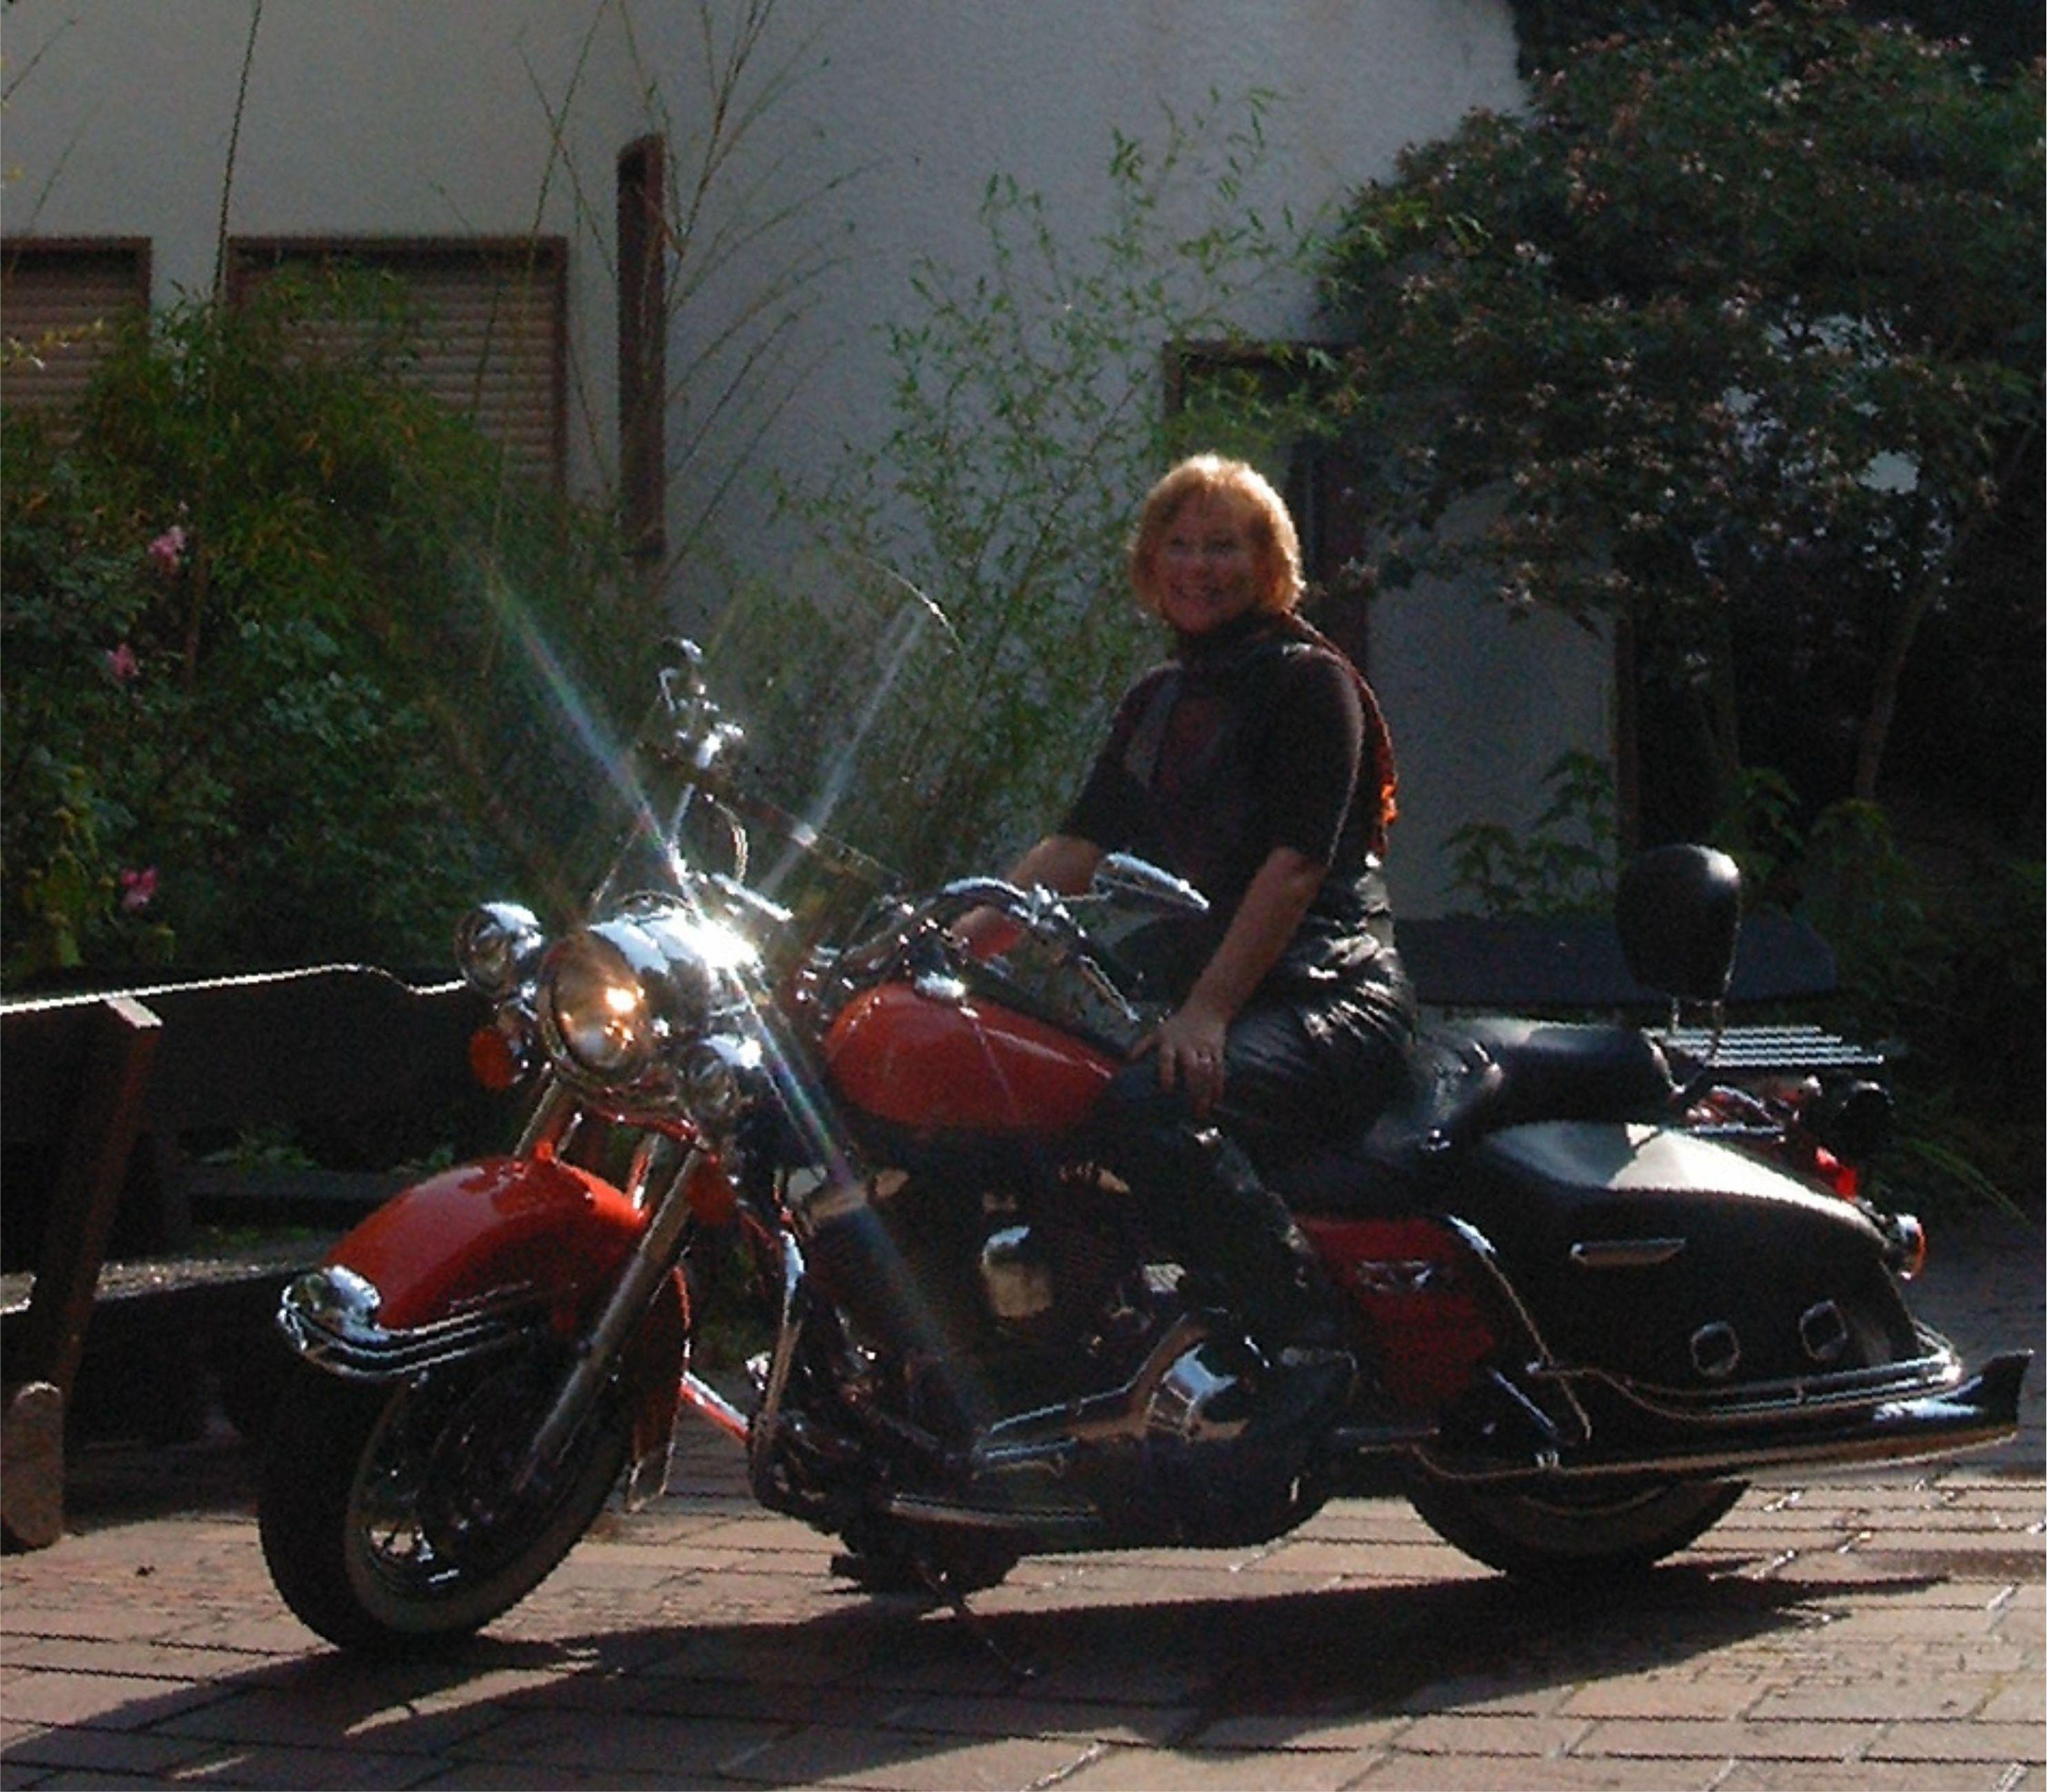 Motorrad im Hof